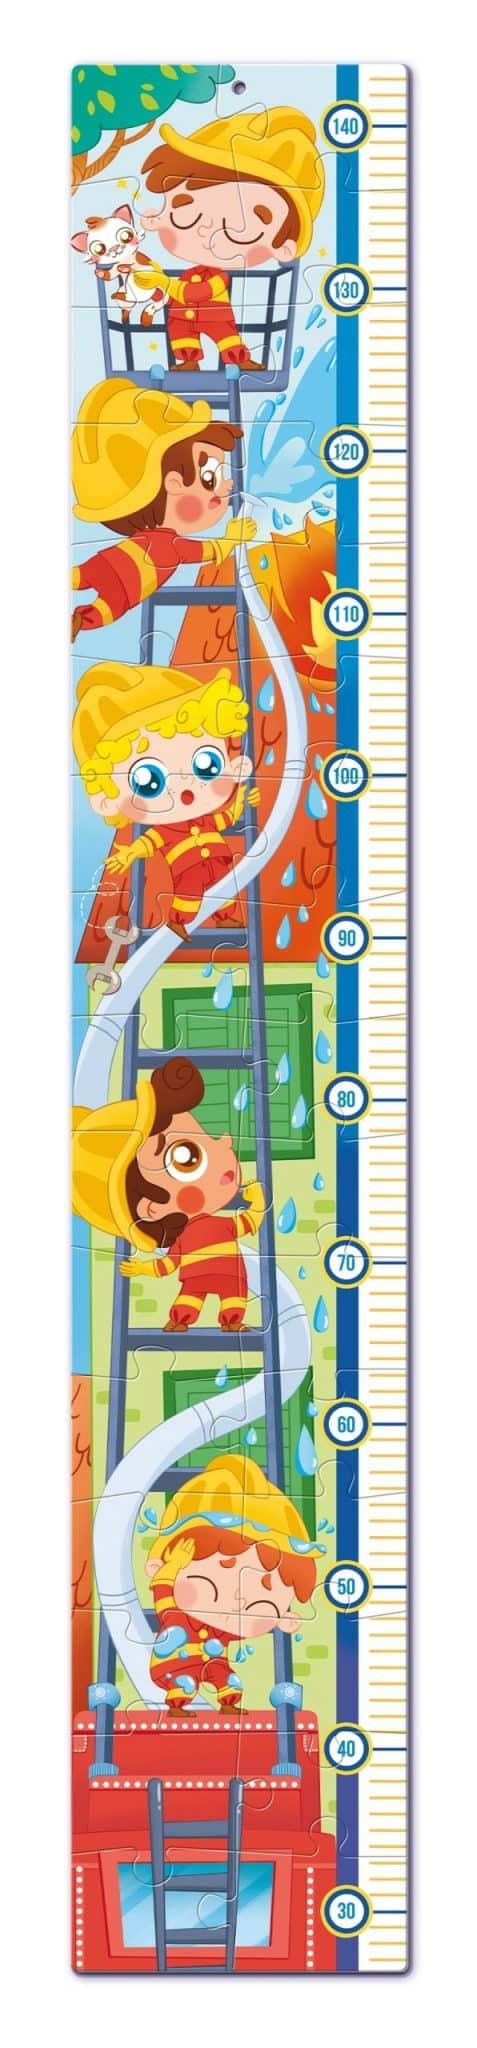 De Brandweermannen Clementoni20330 02 Kinderpuzzels 1 Scaled 1.jpg